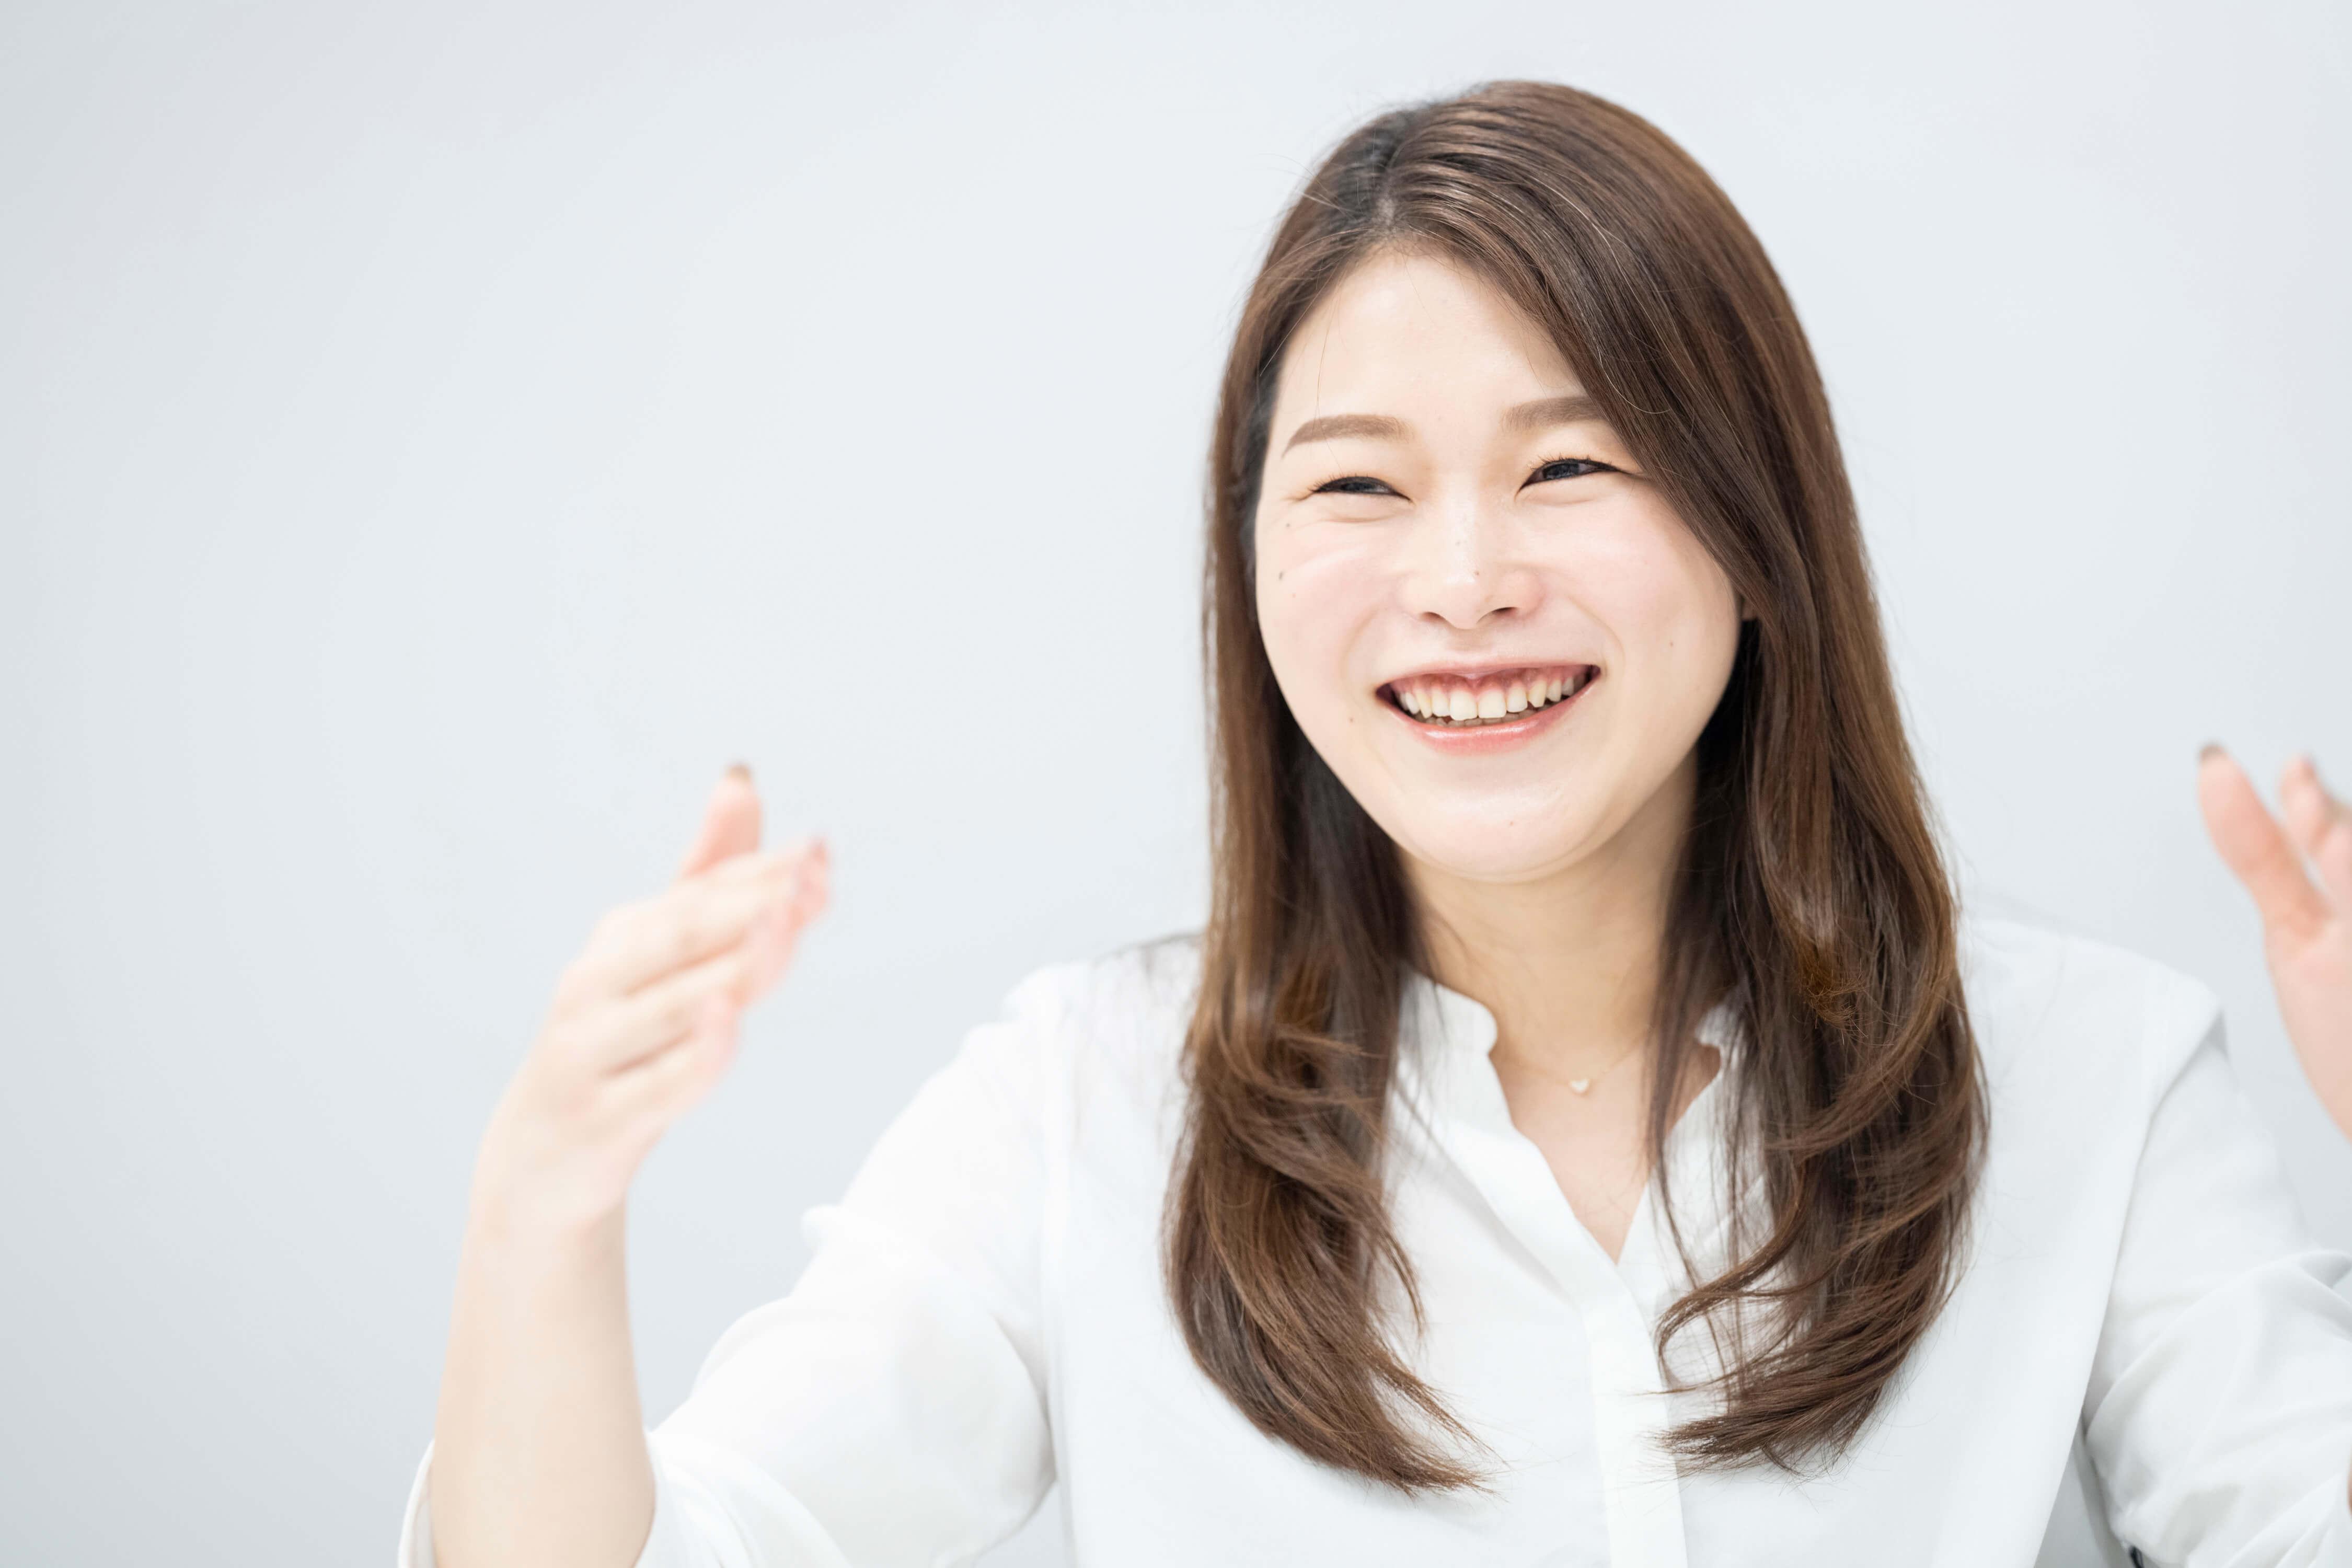 ベルタ様インタビュー③